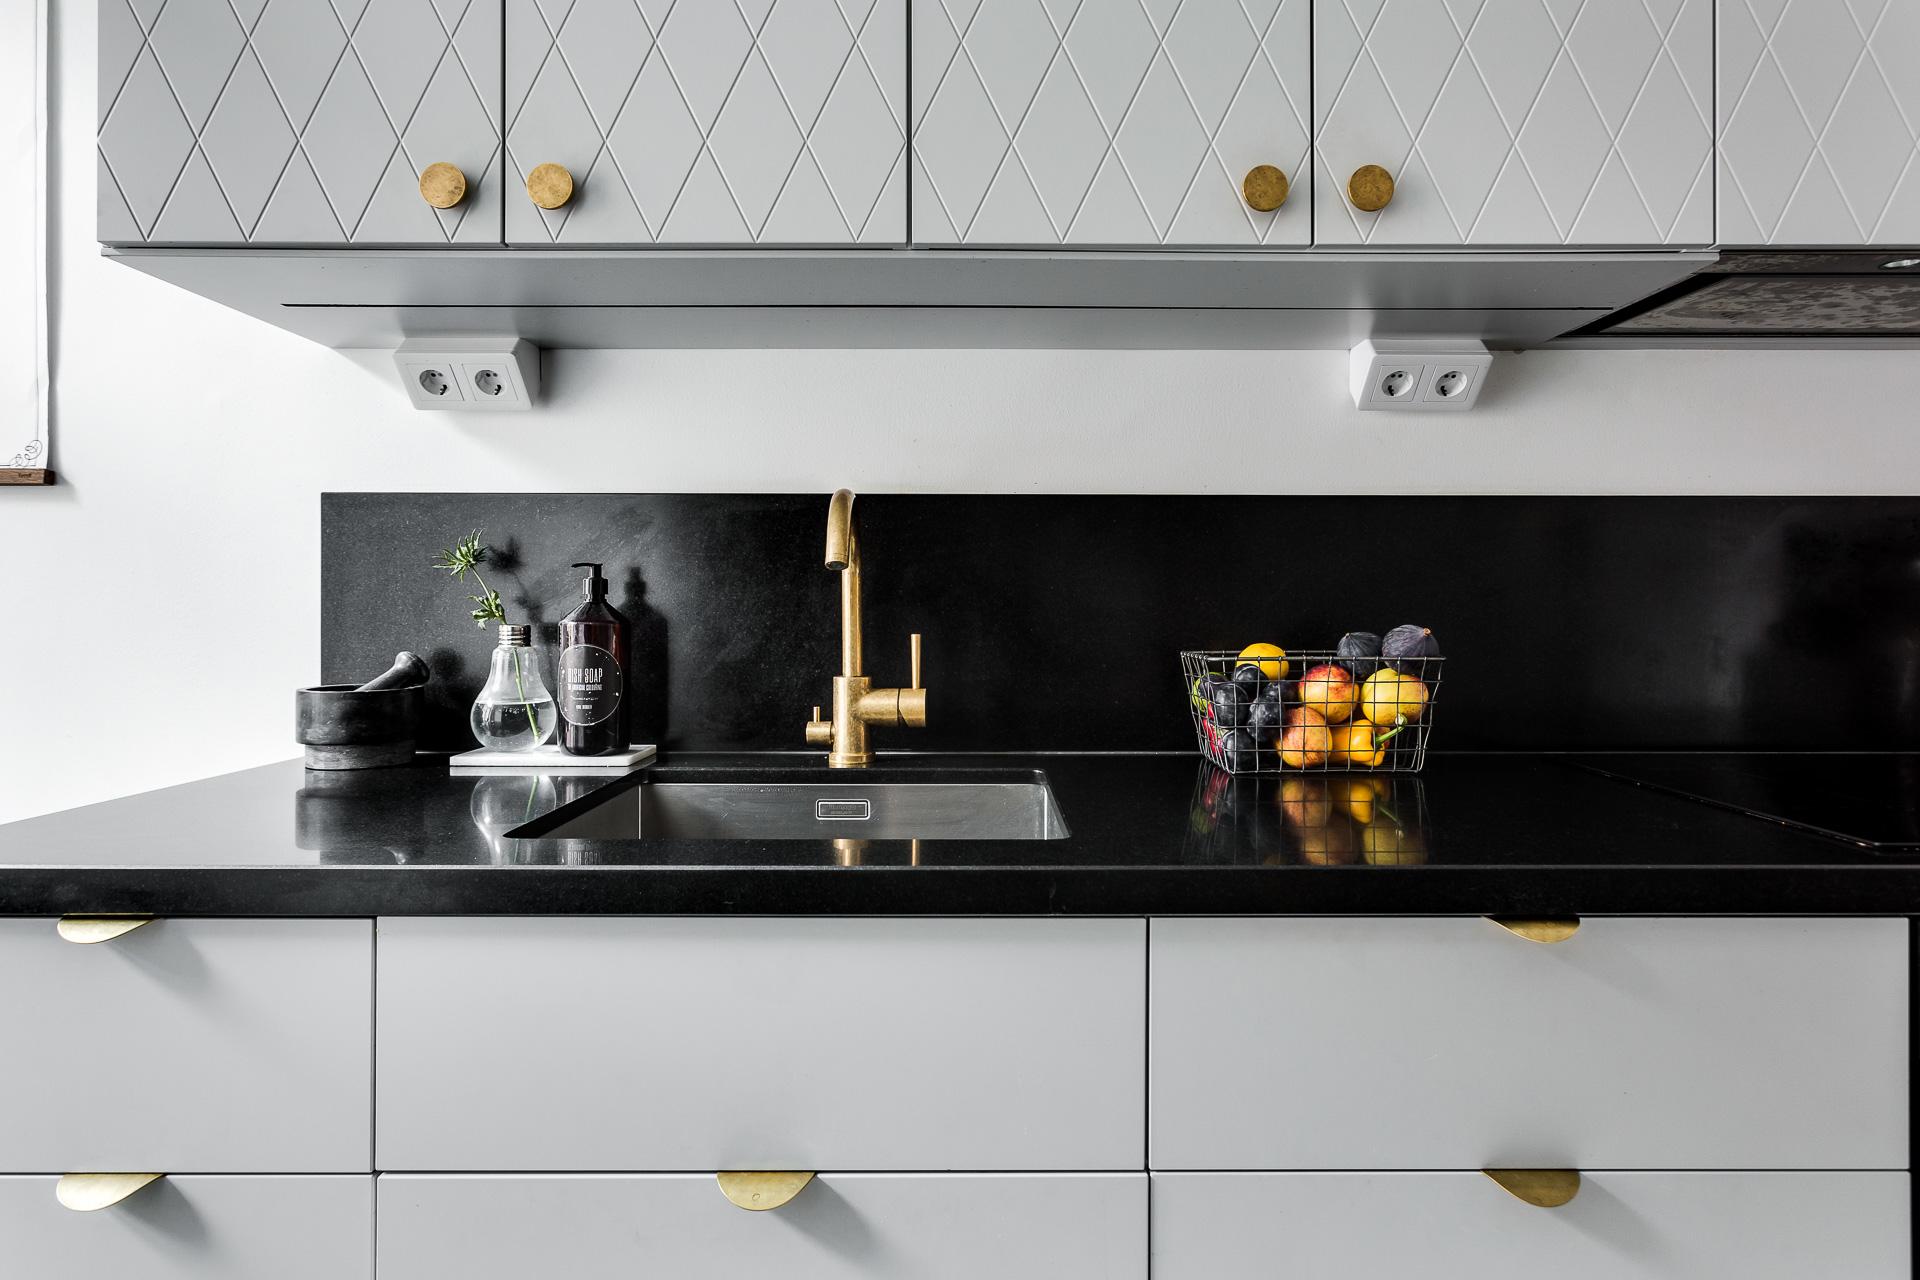 Grifer a dorada y el glamour de una smeg interiores for Griferia dorada